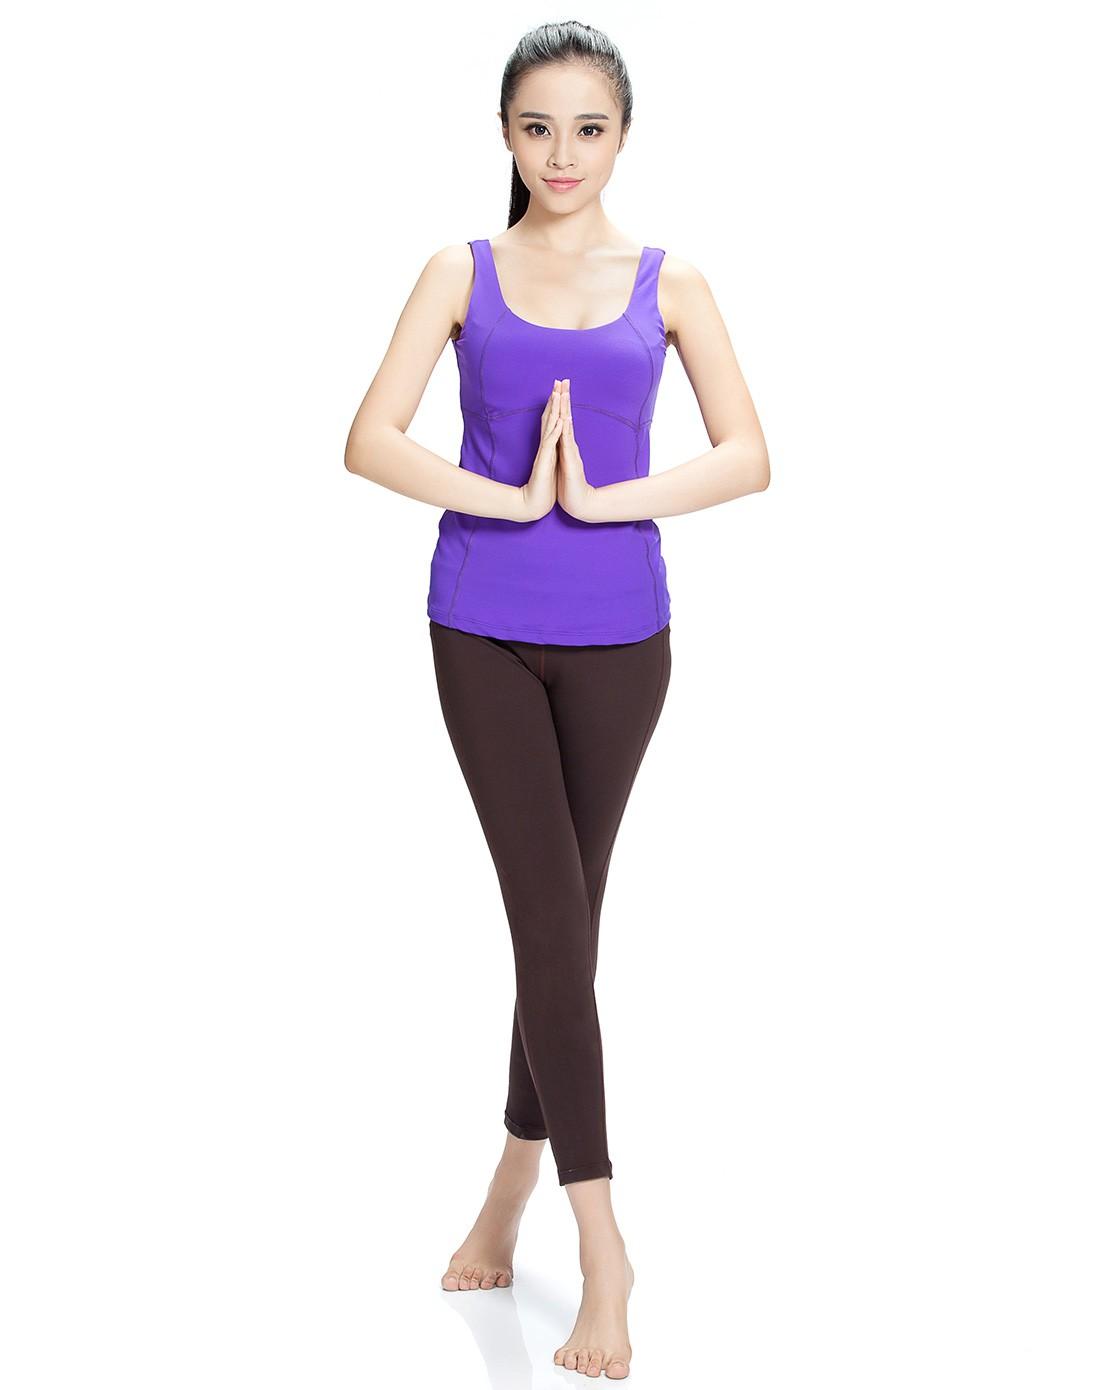 女款丁香紫色几何分割线背心